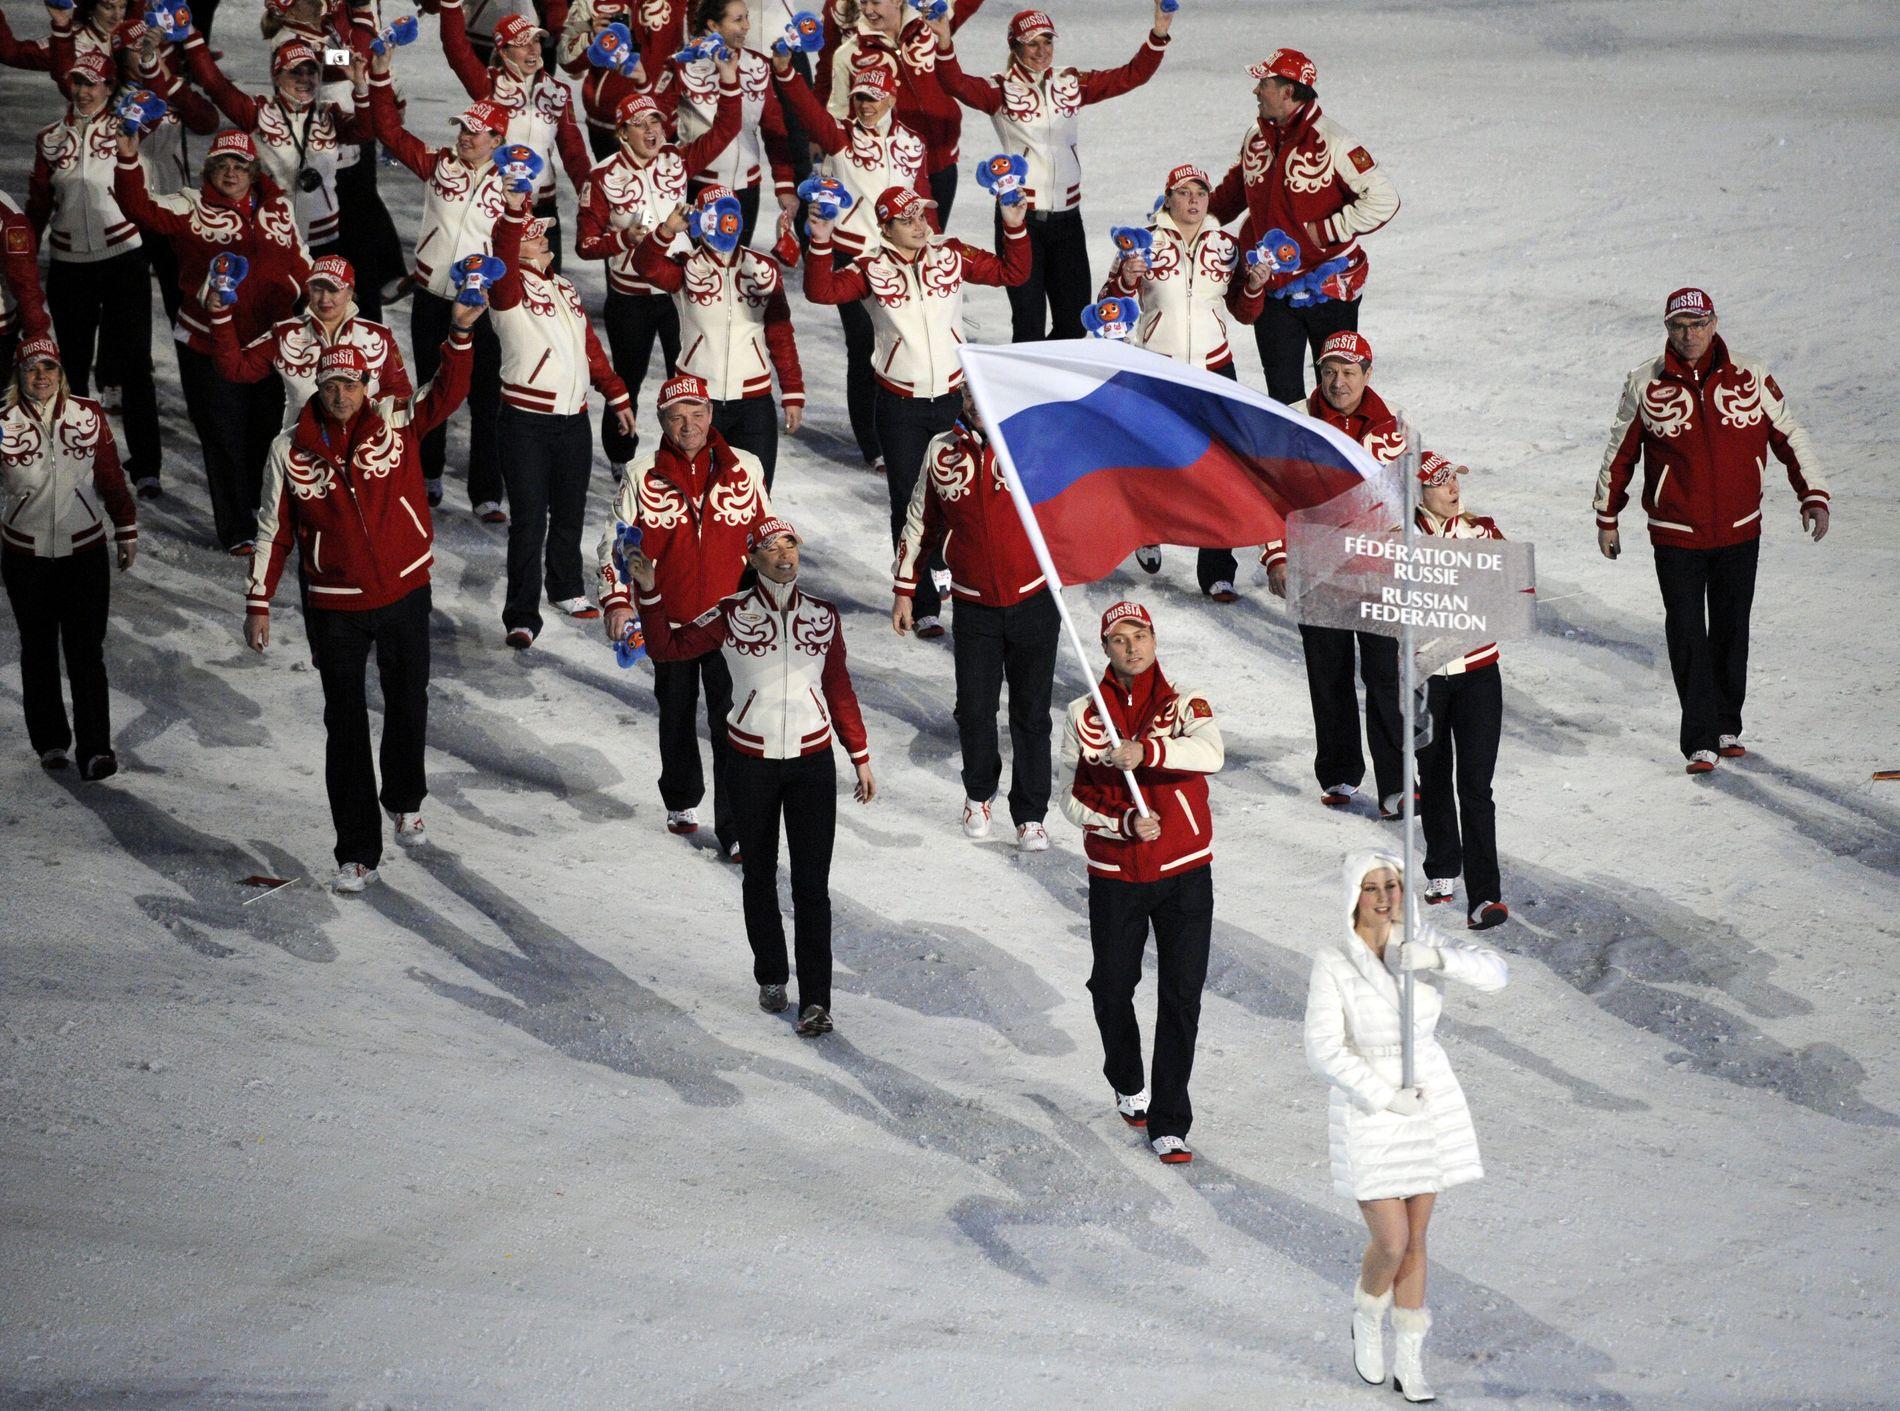 VANCOUVER: Den russiske troppen marsjerer inn under åpningsseremonien. I alt 177 utøvere var med der, nå er det 169 i Pyeongchang.